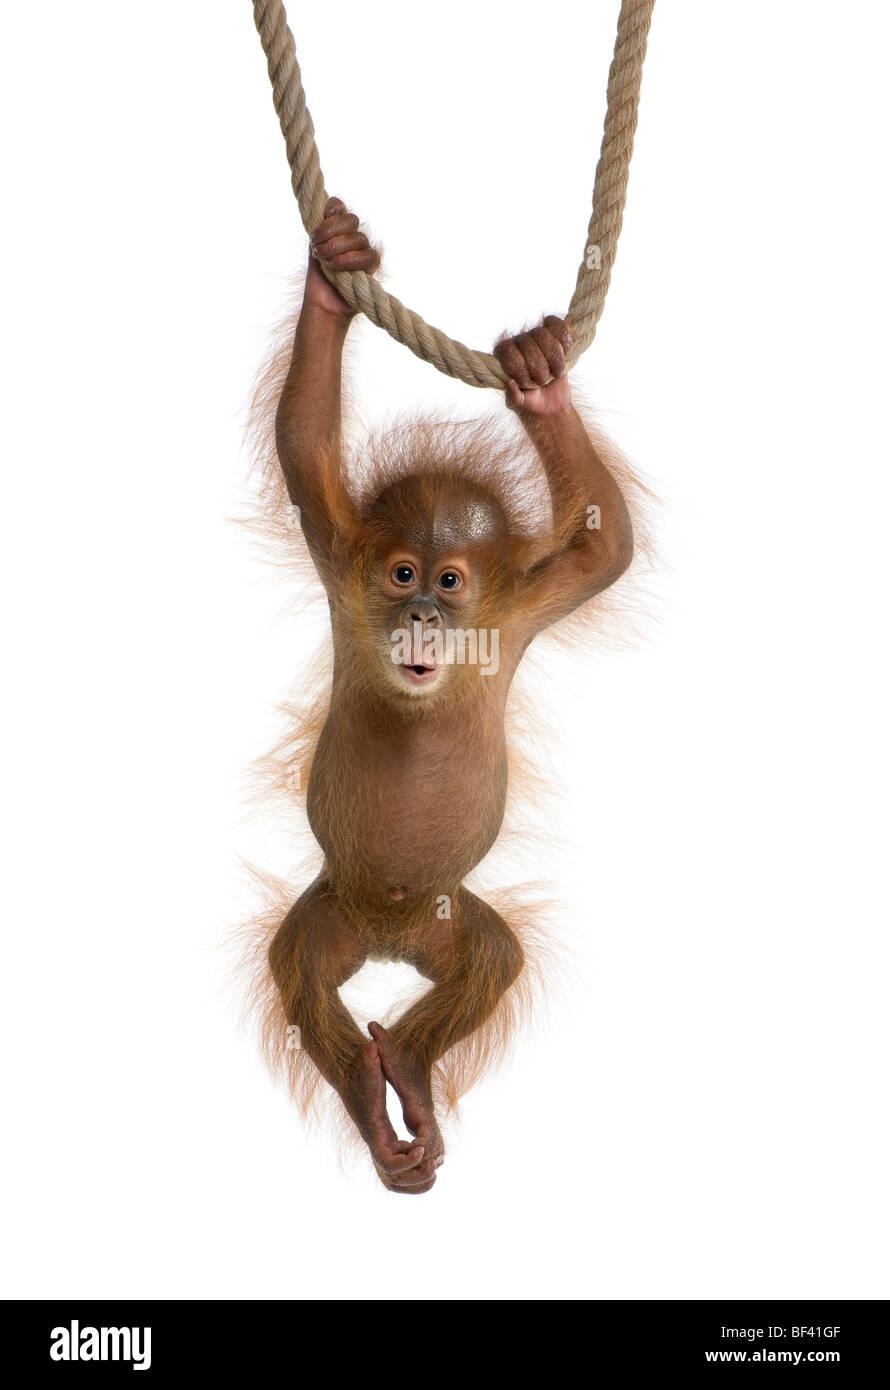 Sumatra bébé Orang Outang, âgé de 4 mois, suspendu à une corde à l'avant d'un Photo Stock